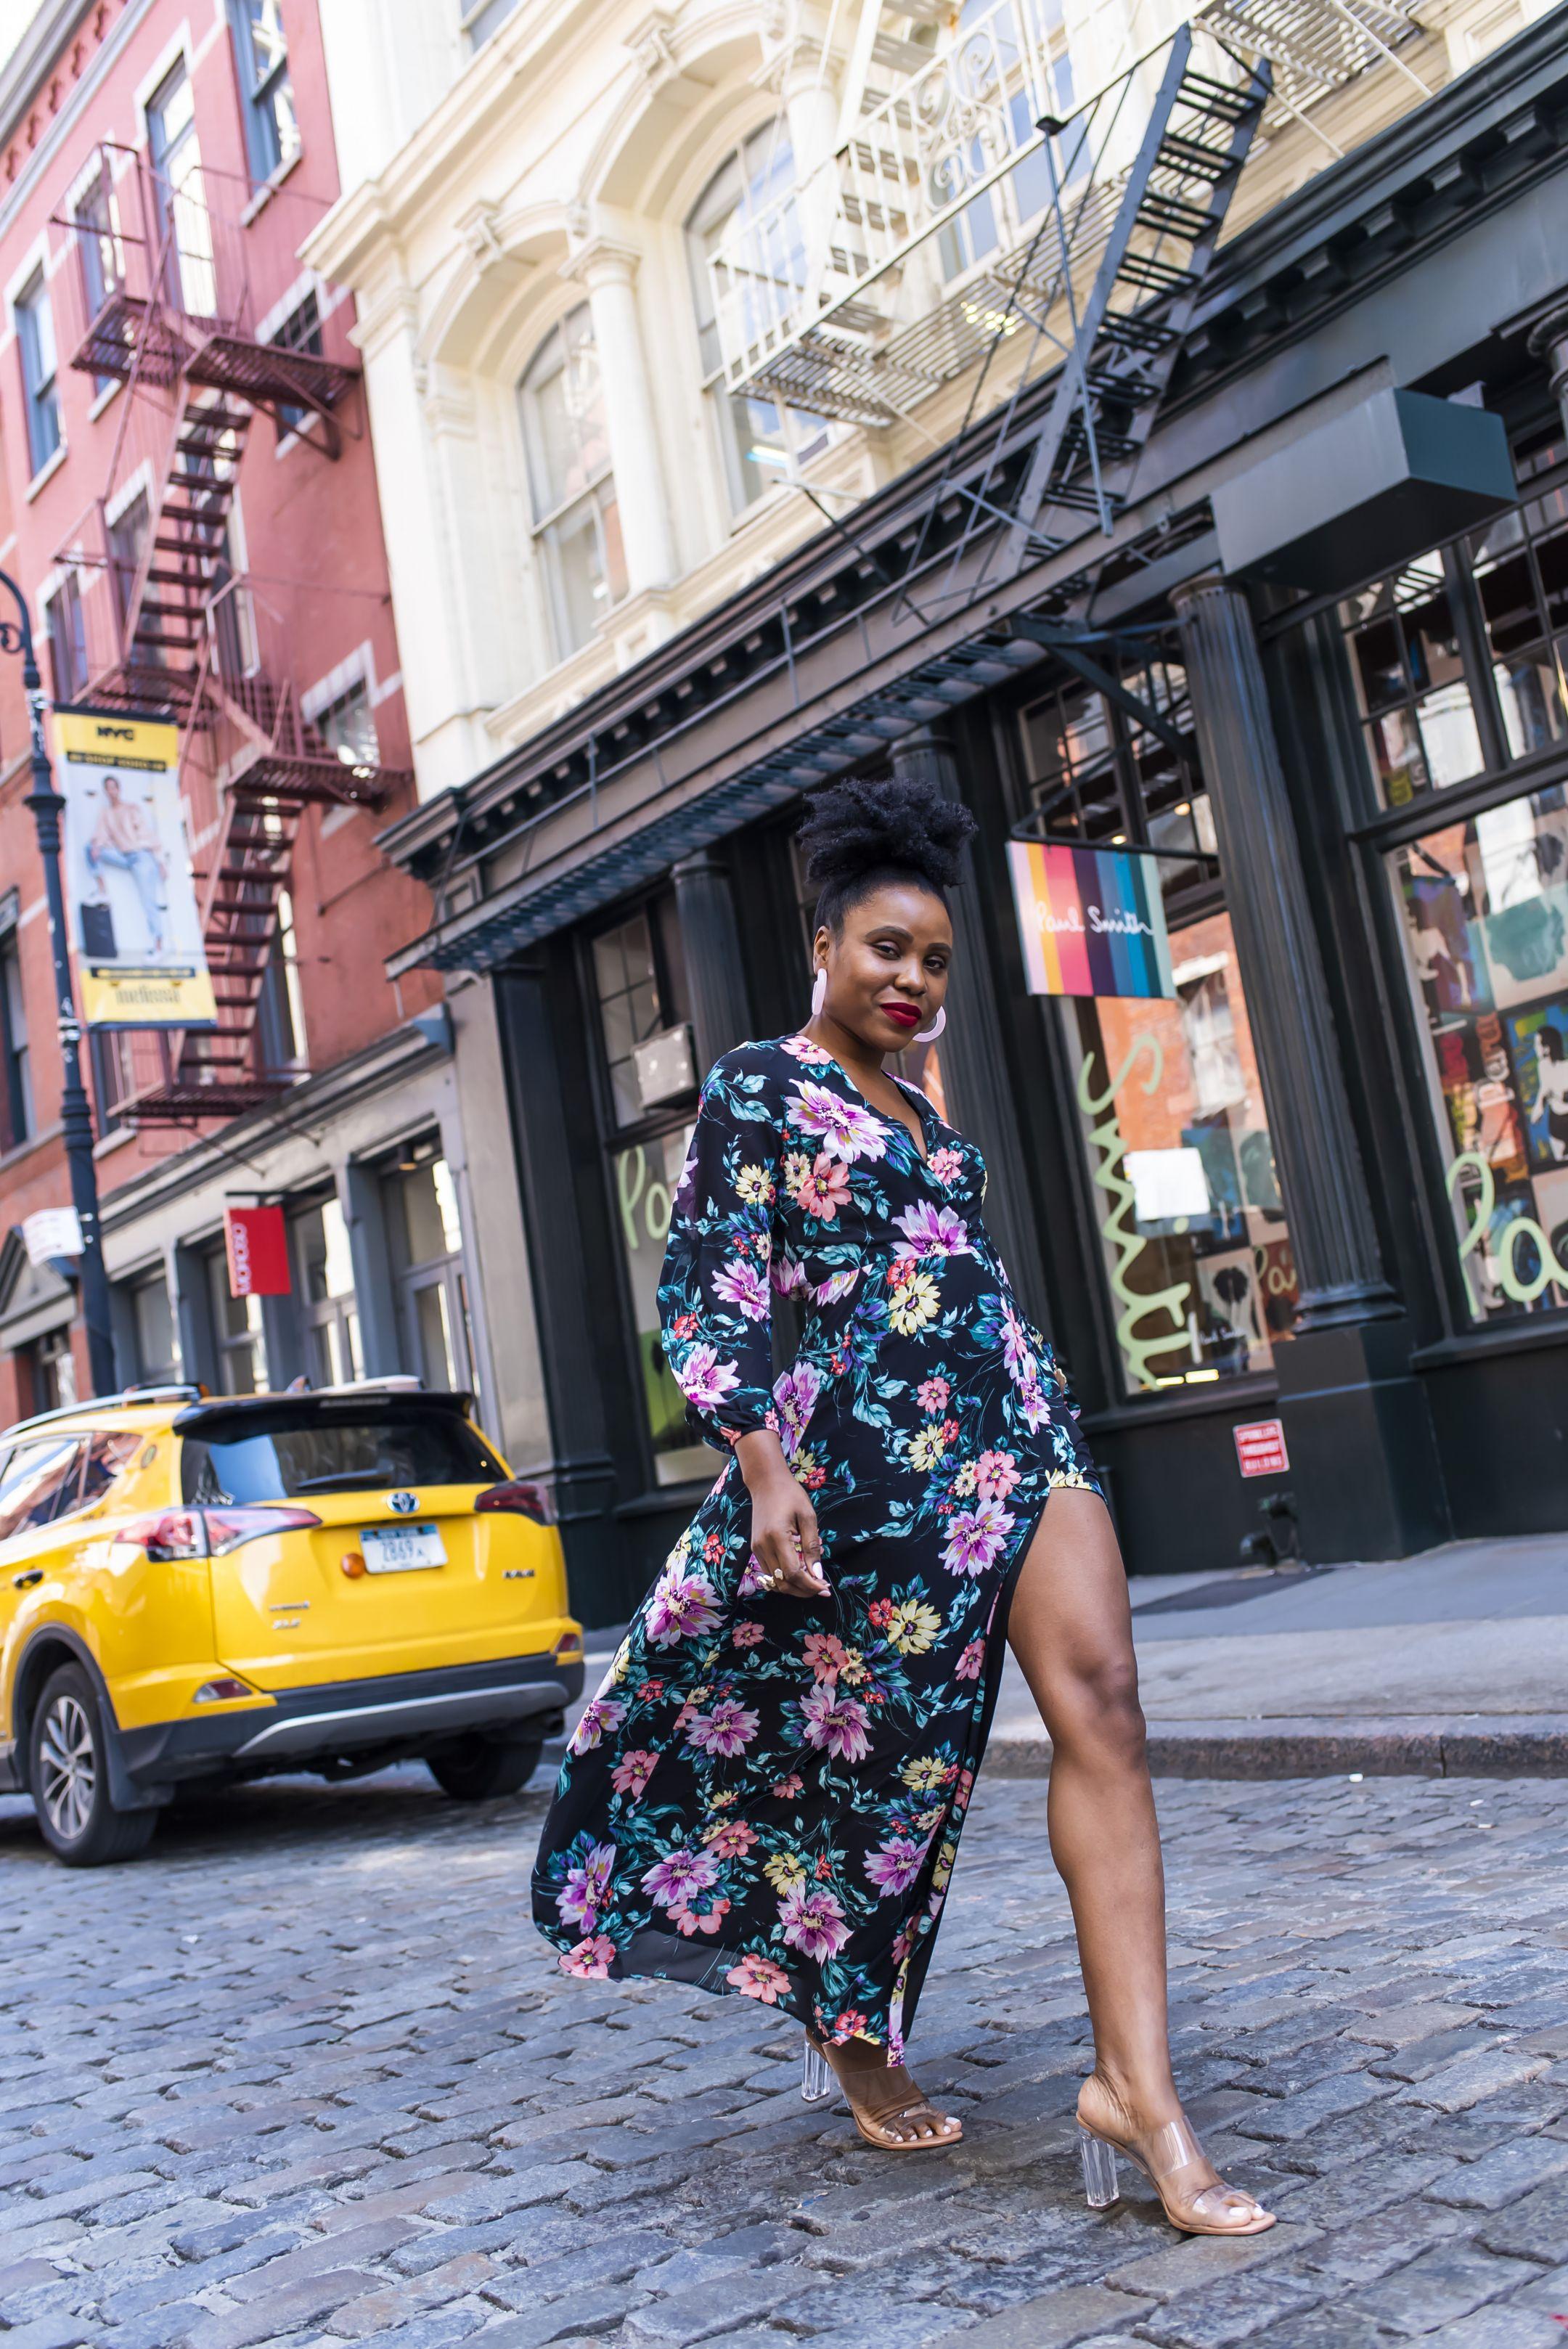 a553499b045f2 Yumi Kim Maxi Dress: The return of the Maxi trend